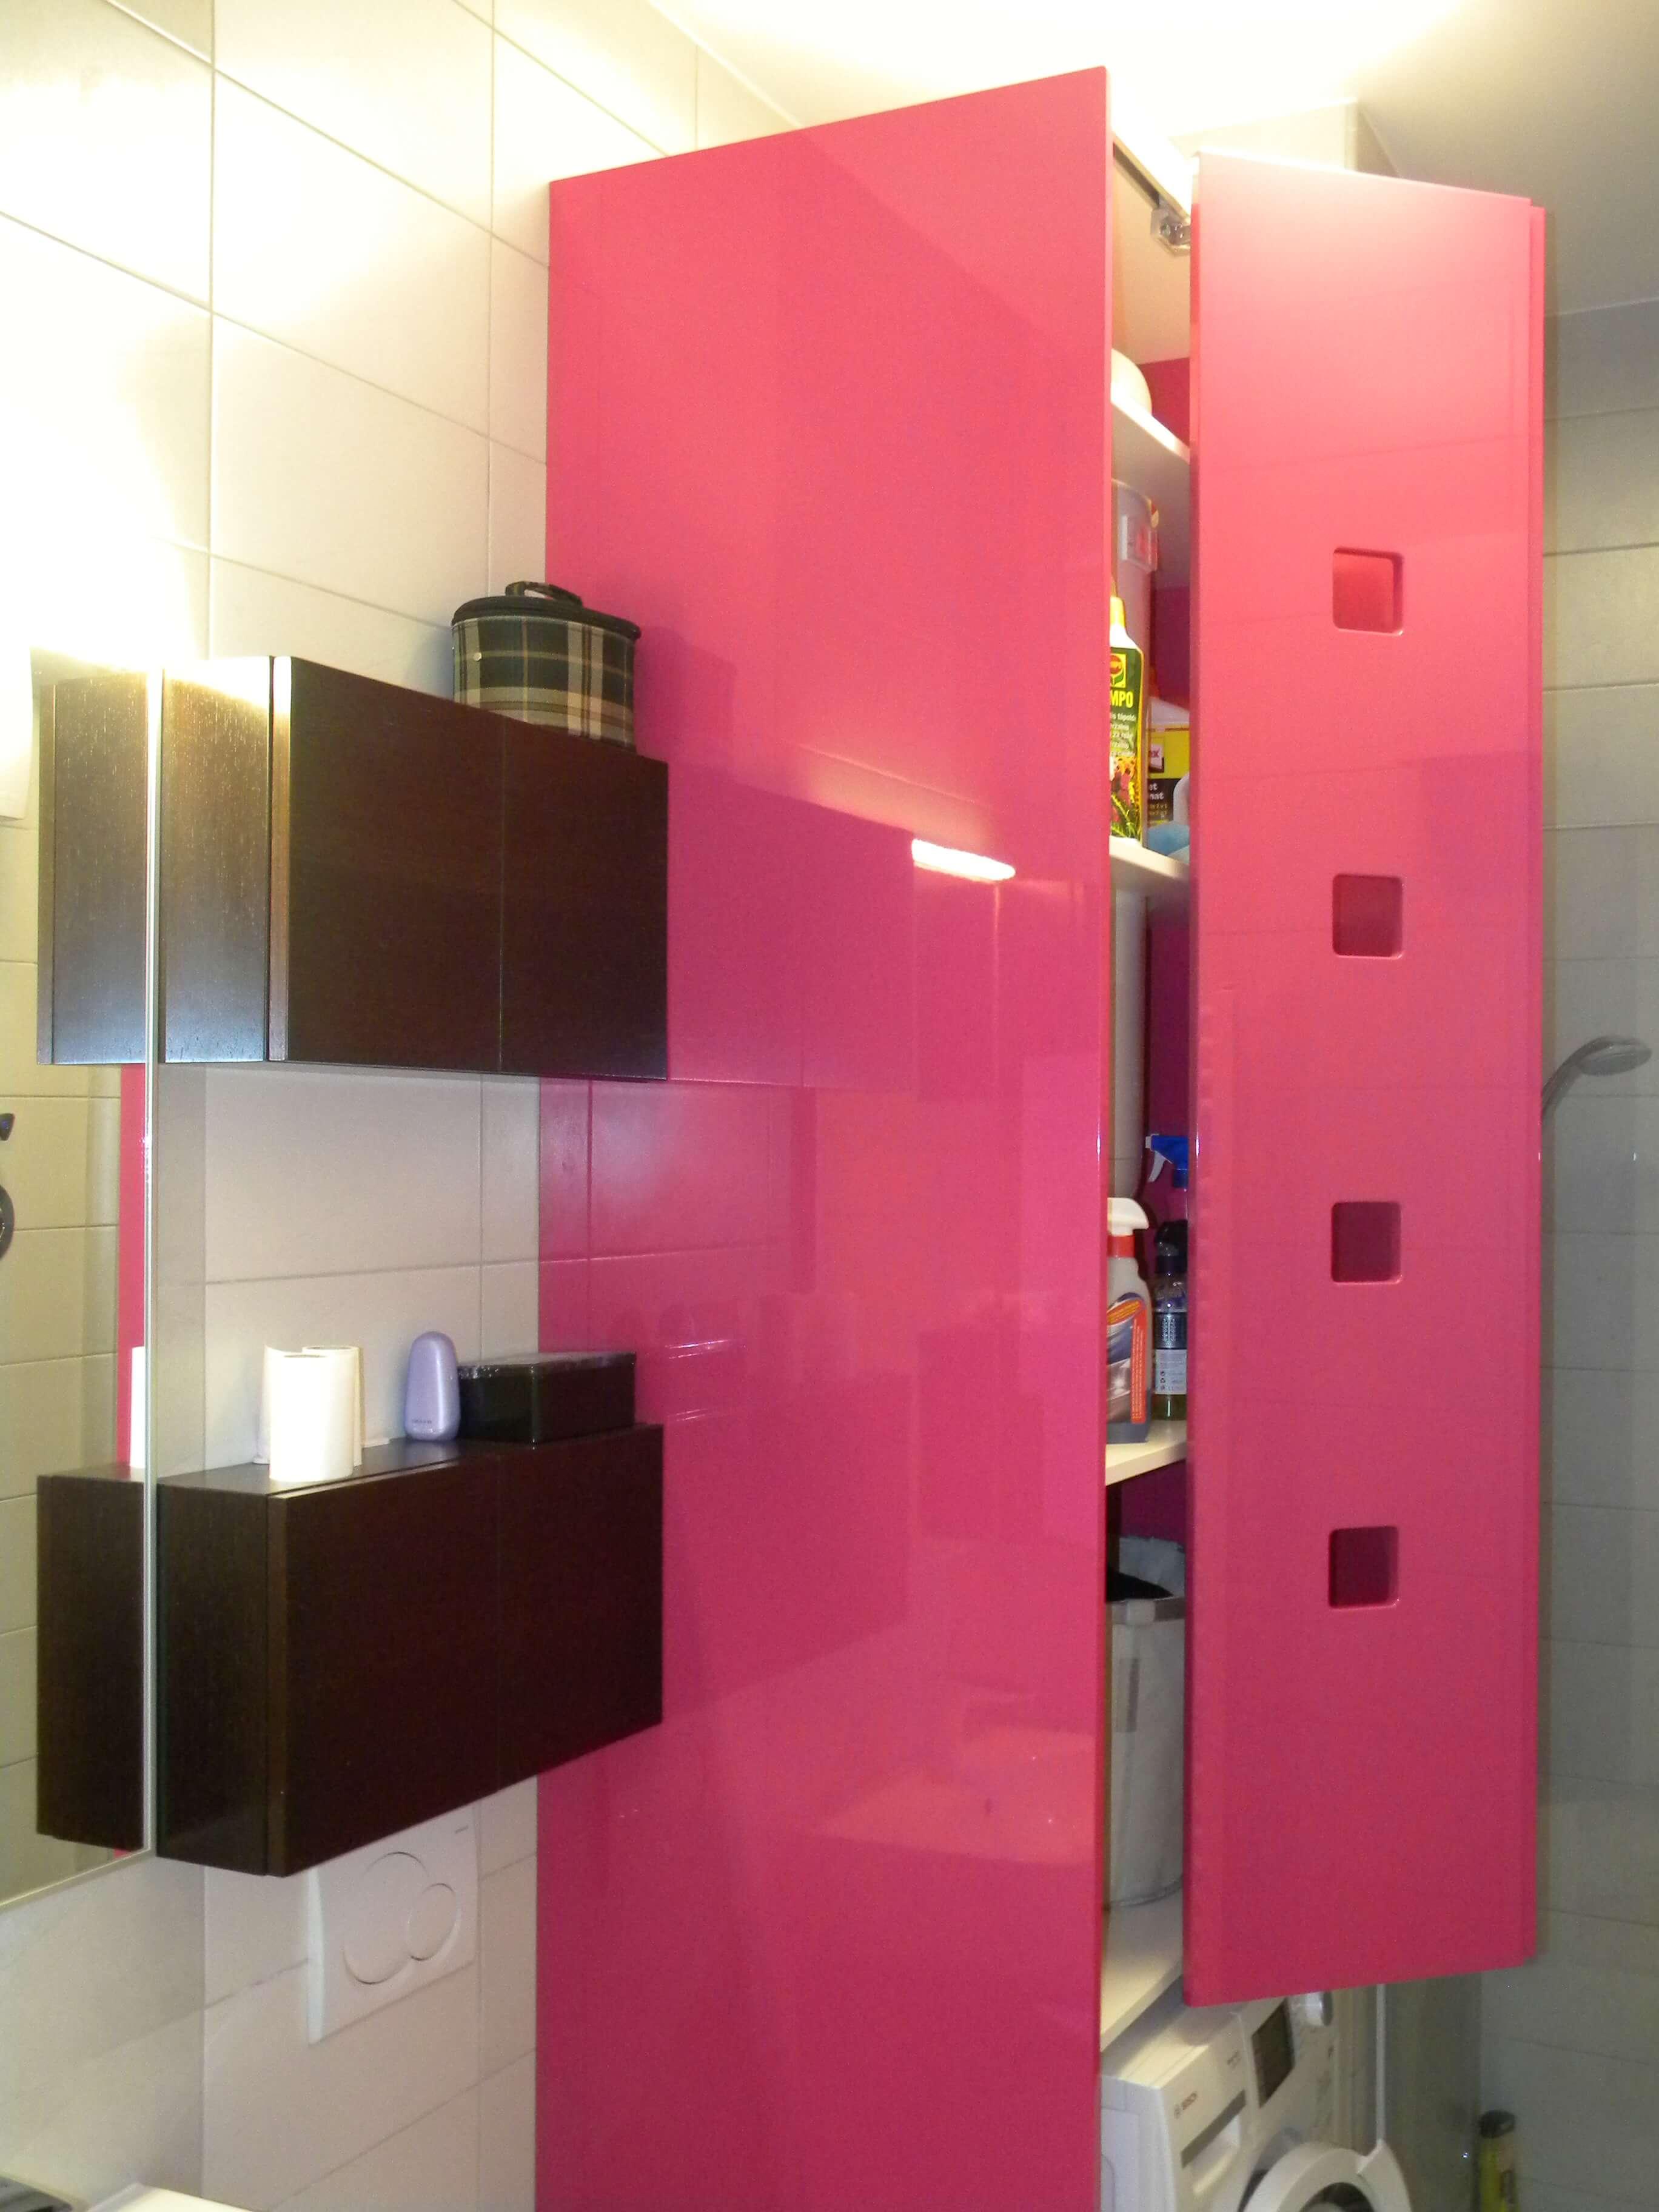 barvano kopalniško pohištvo po meri